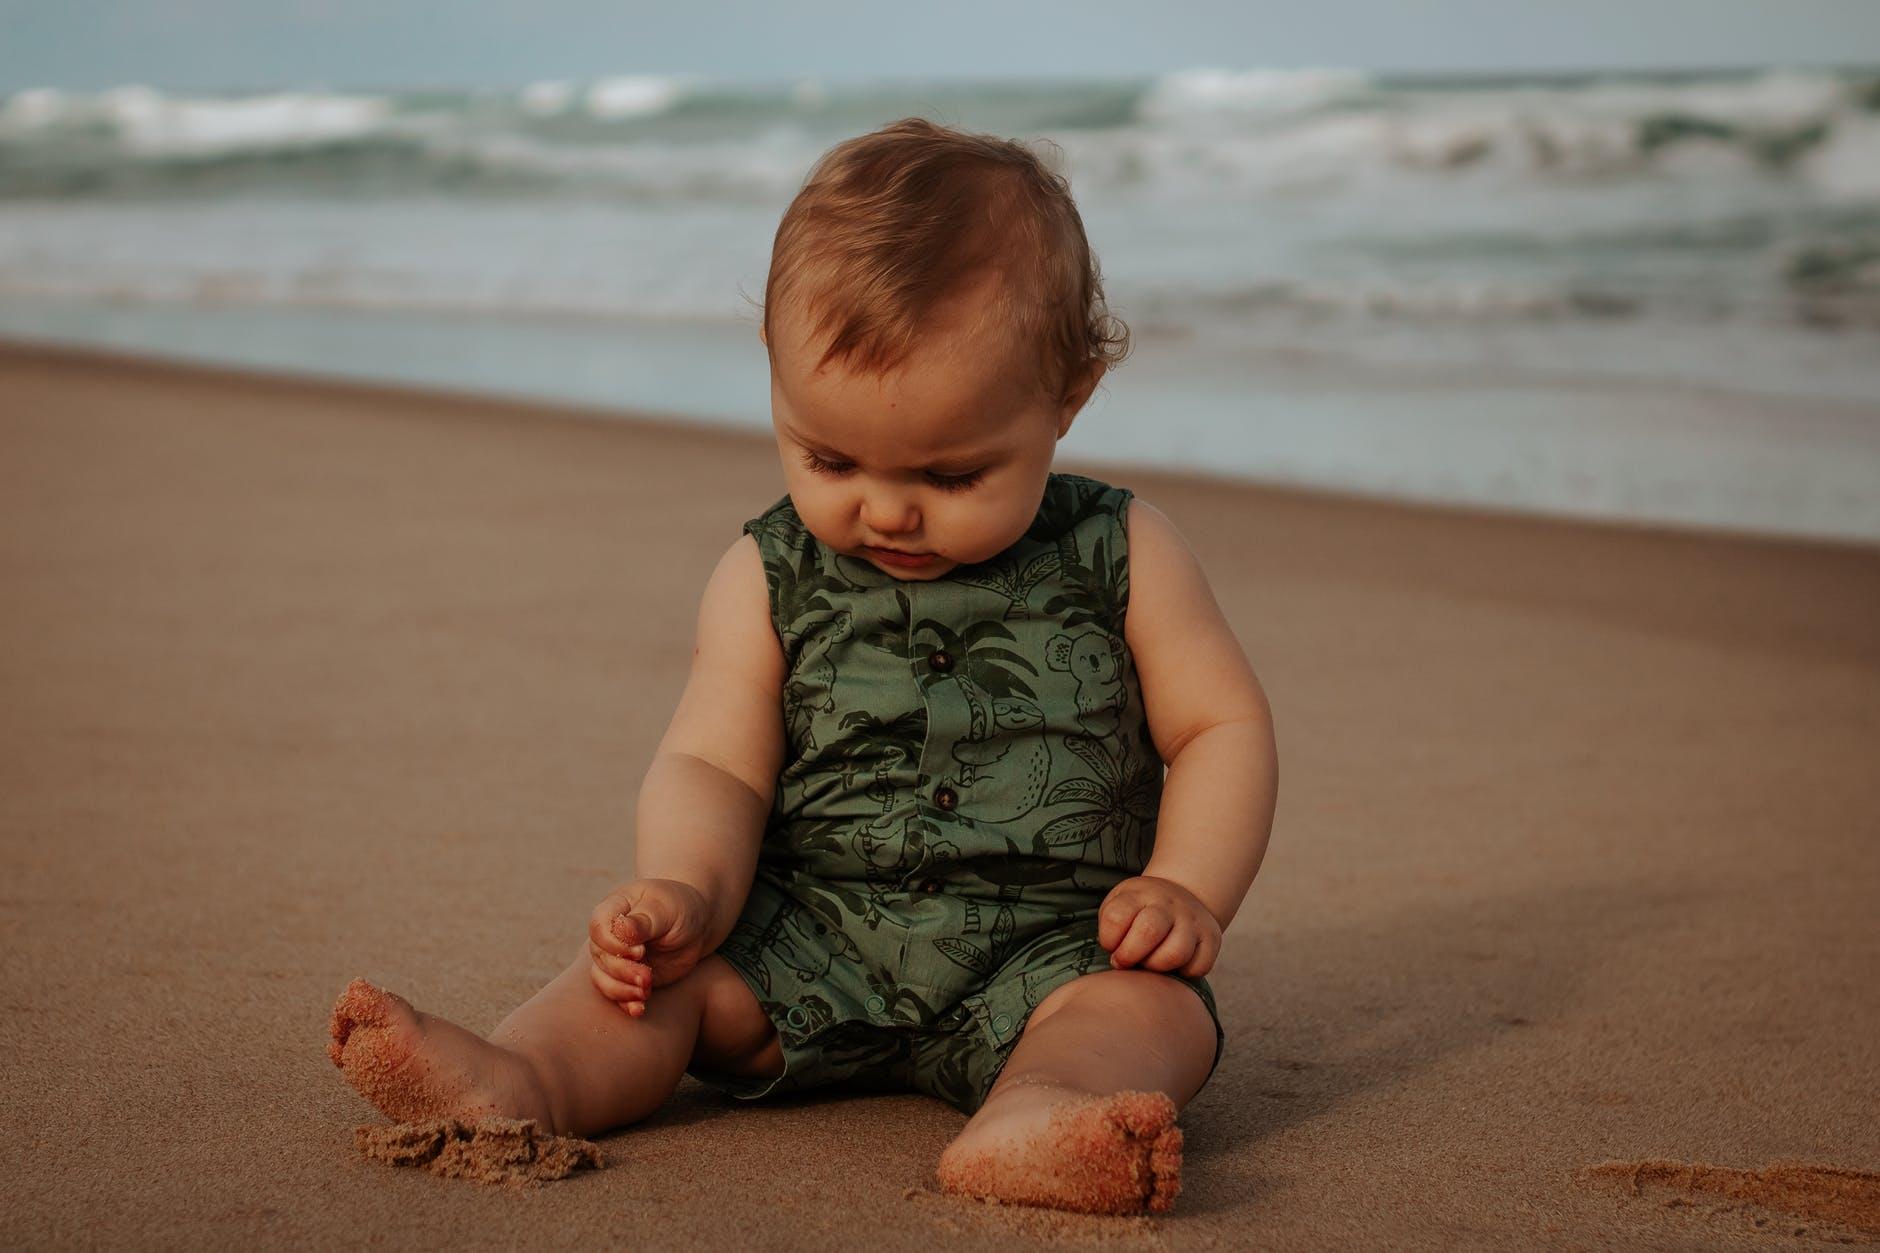 cute baby in ornamental wear resting on sandy sea shore